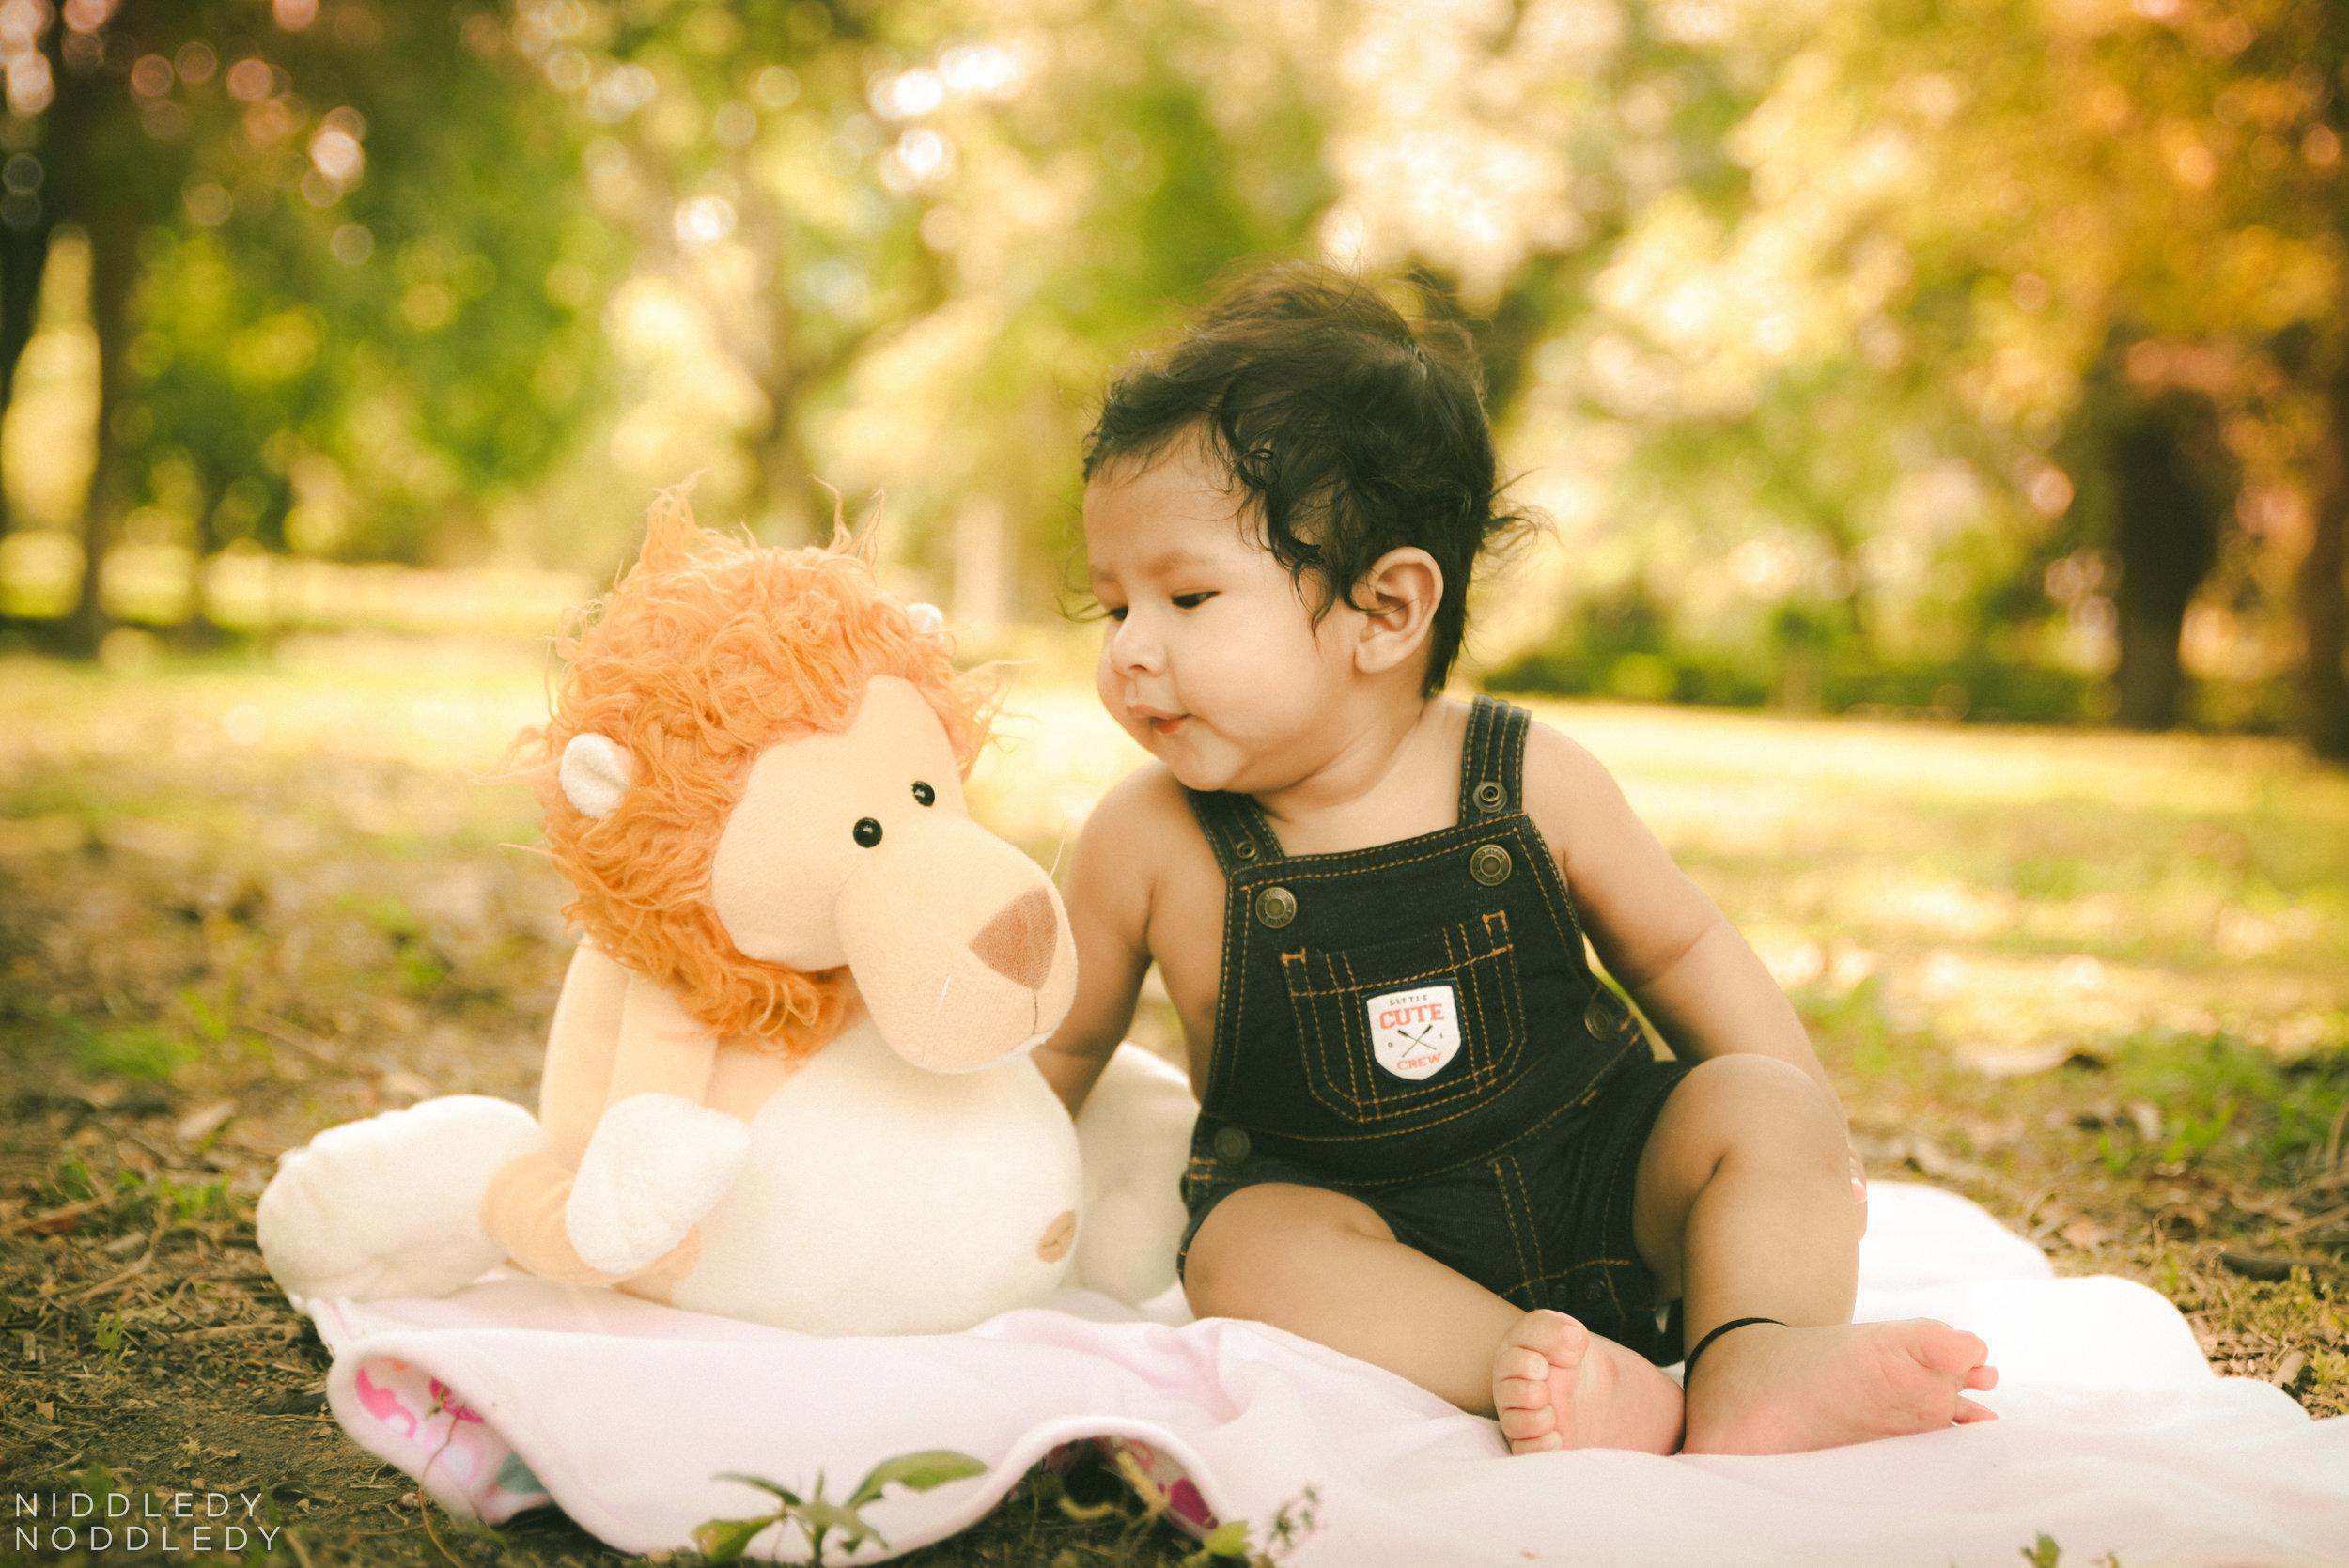 Abhiansh Baby Portfolio Photoshoot ❤ NiddledyNoddledy.com ~ Bumps to Babies Photography, Kolkata - 14.jpg